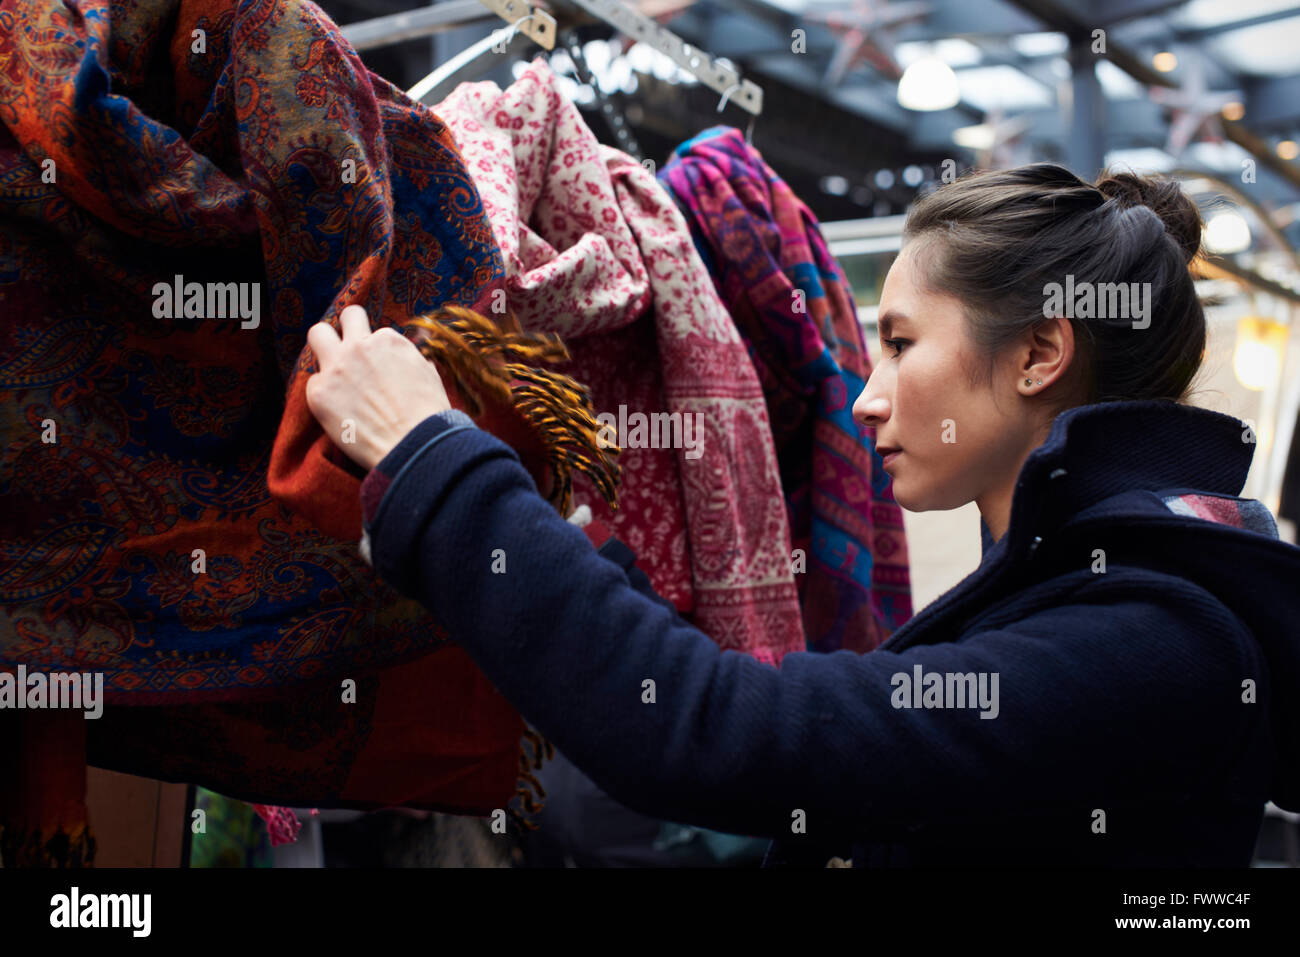 Junge Frau einkaufen In der Markthalle Stockbild